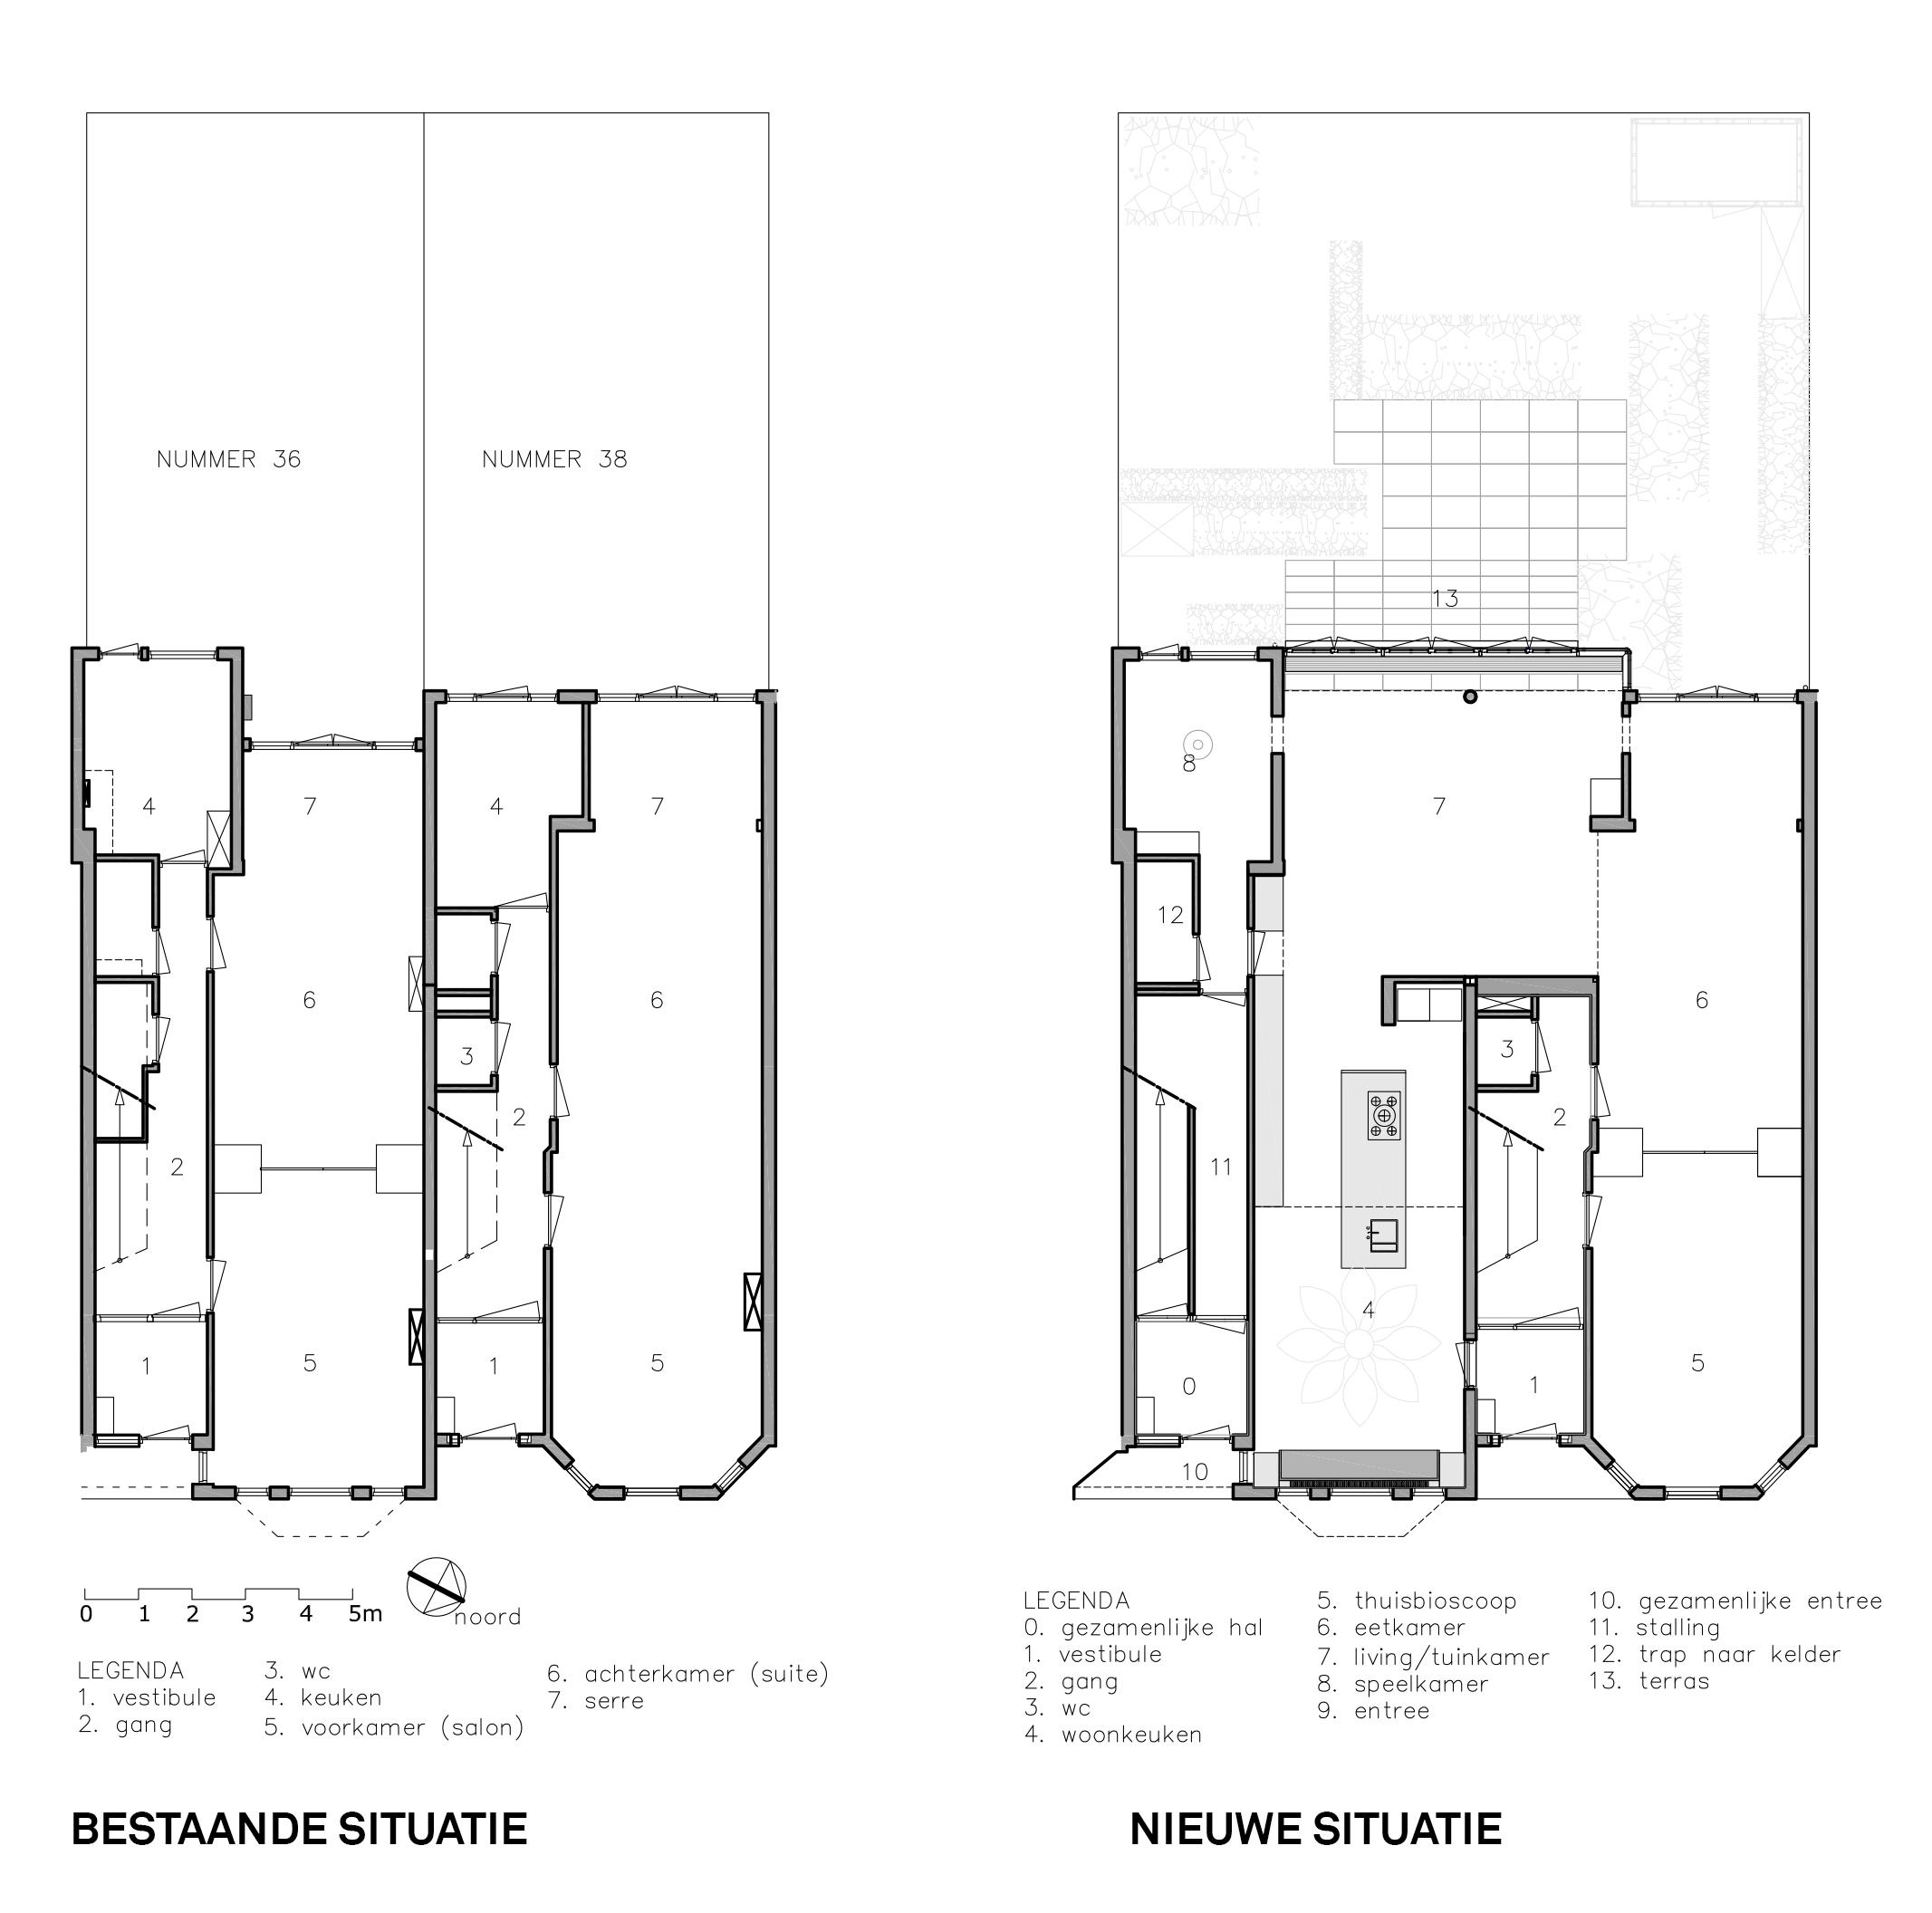 Twee herenhuizen – architect Marieke Tobias